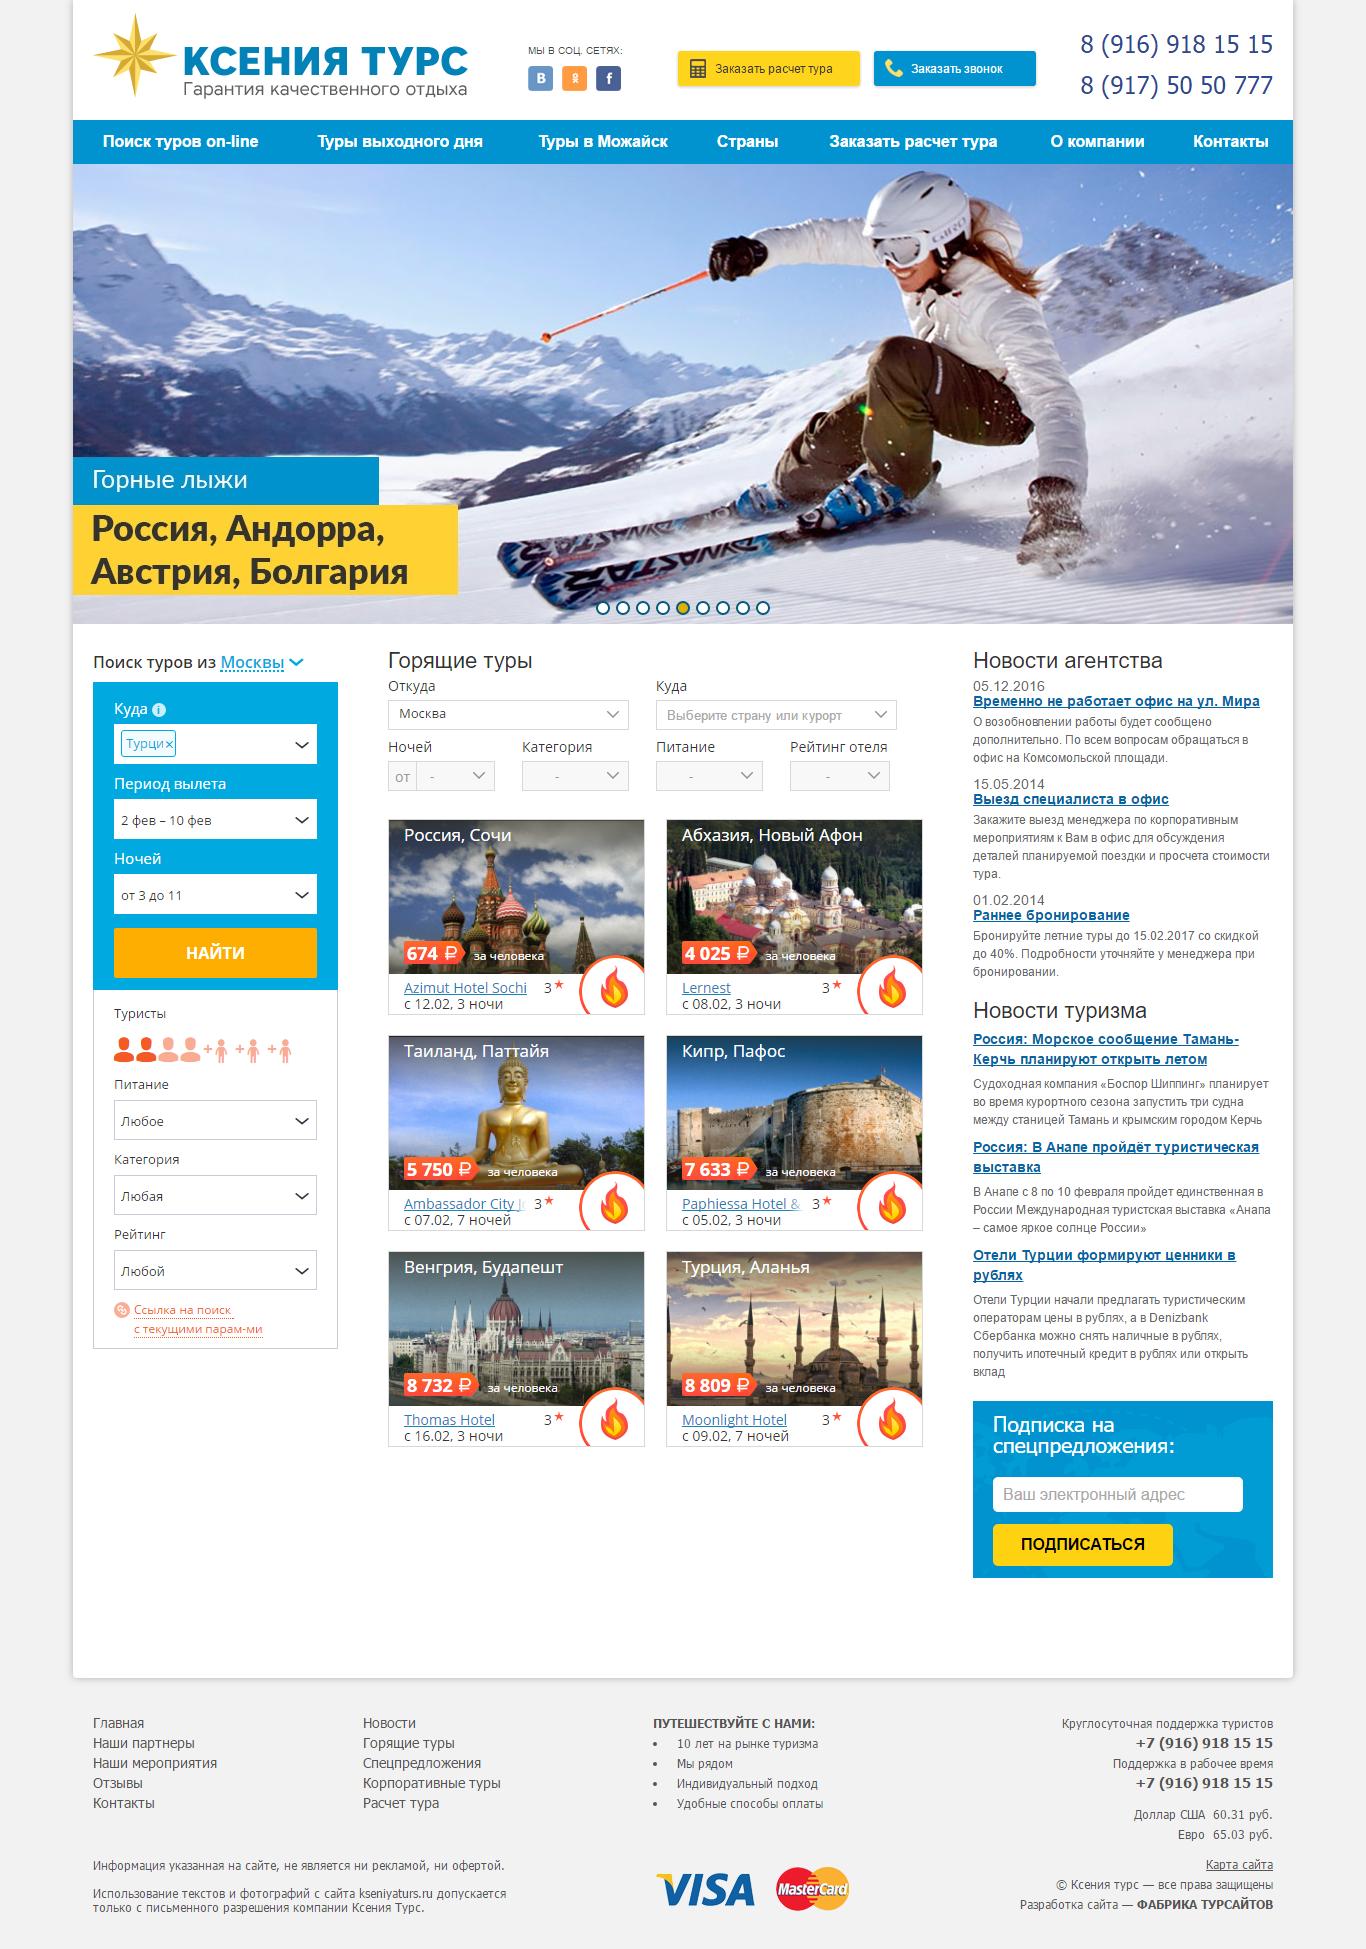 Агентства интернет реклама создание сайта компании /15 реклама сайта в казахстане